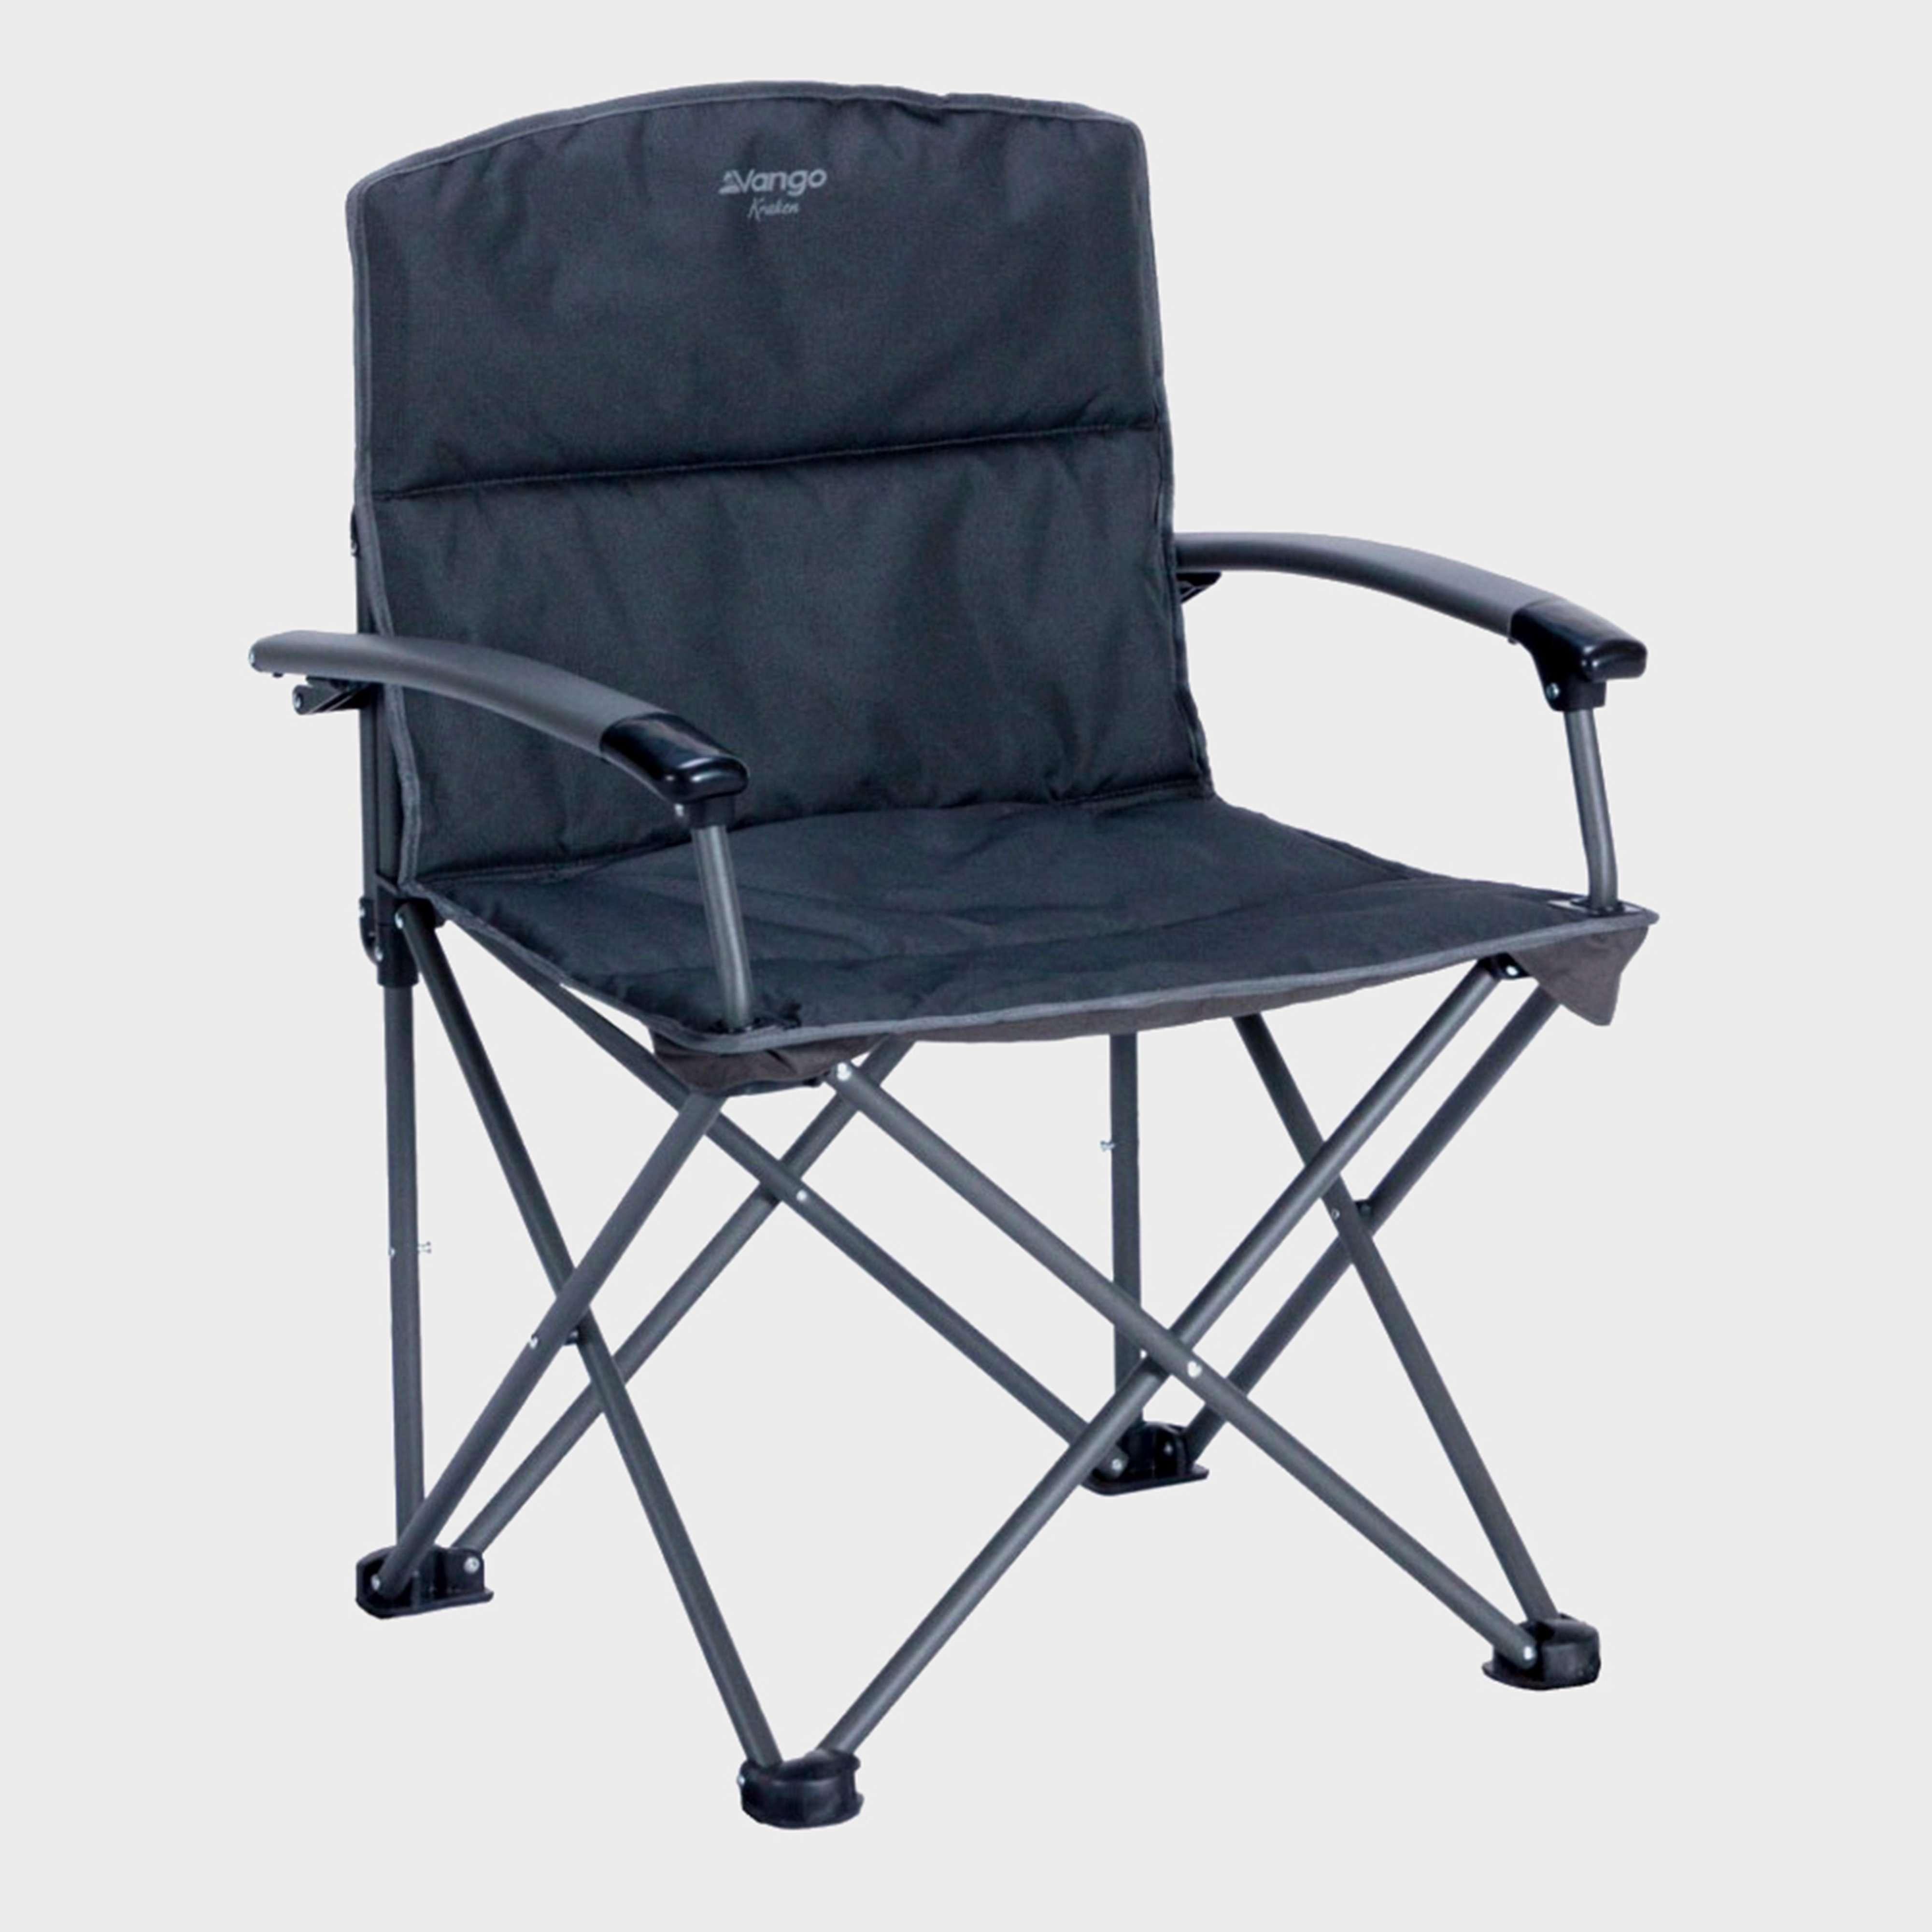 VANGO Kraken 2 Oversized Chair